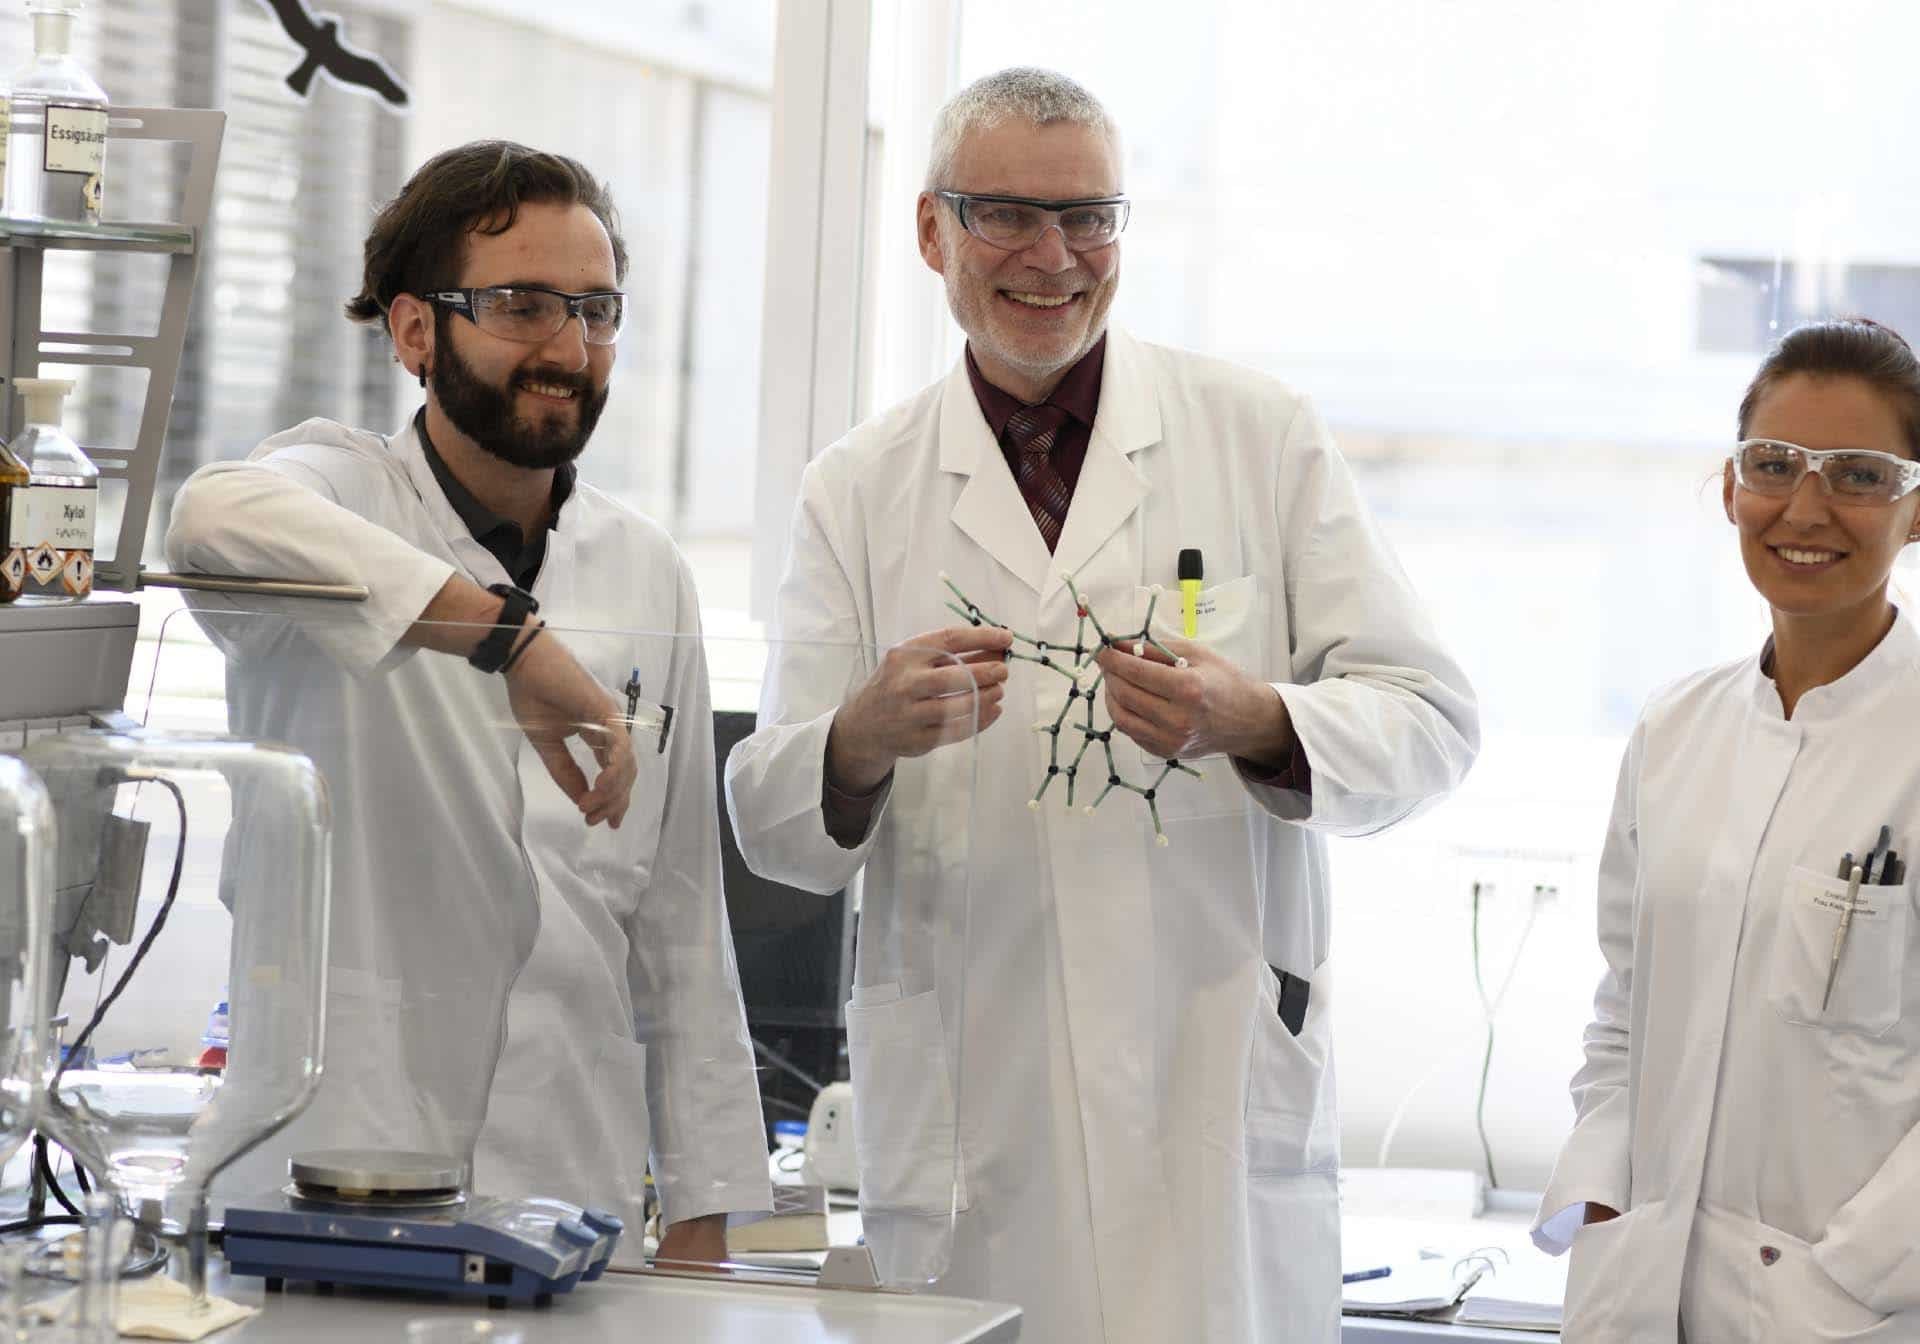 Drei Mitarbeiter Labor Chemie, Employer Branding für Excella, Pharma, Webdesign, Karriereseite, Social-Media, Recruiting